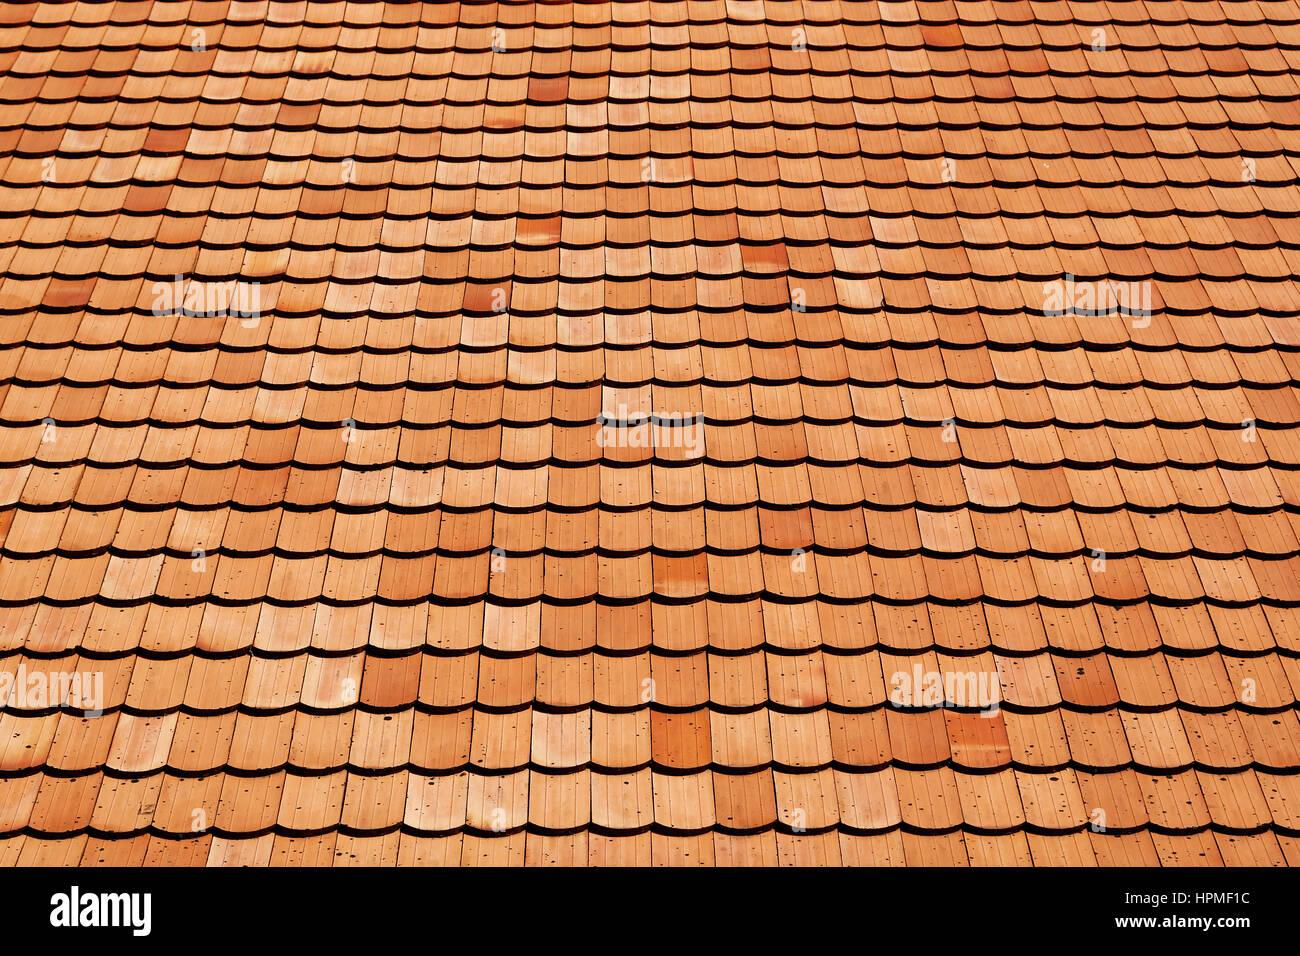 Come Dipingere Vecchie Tegole tetto di tegole di vecchie texture di superficie di sfondo